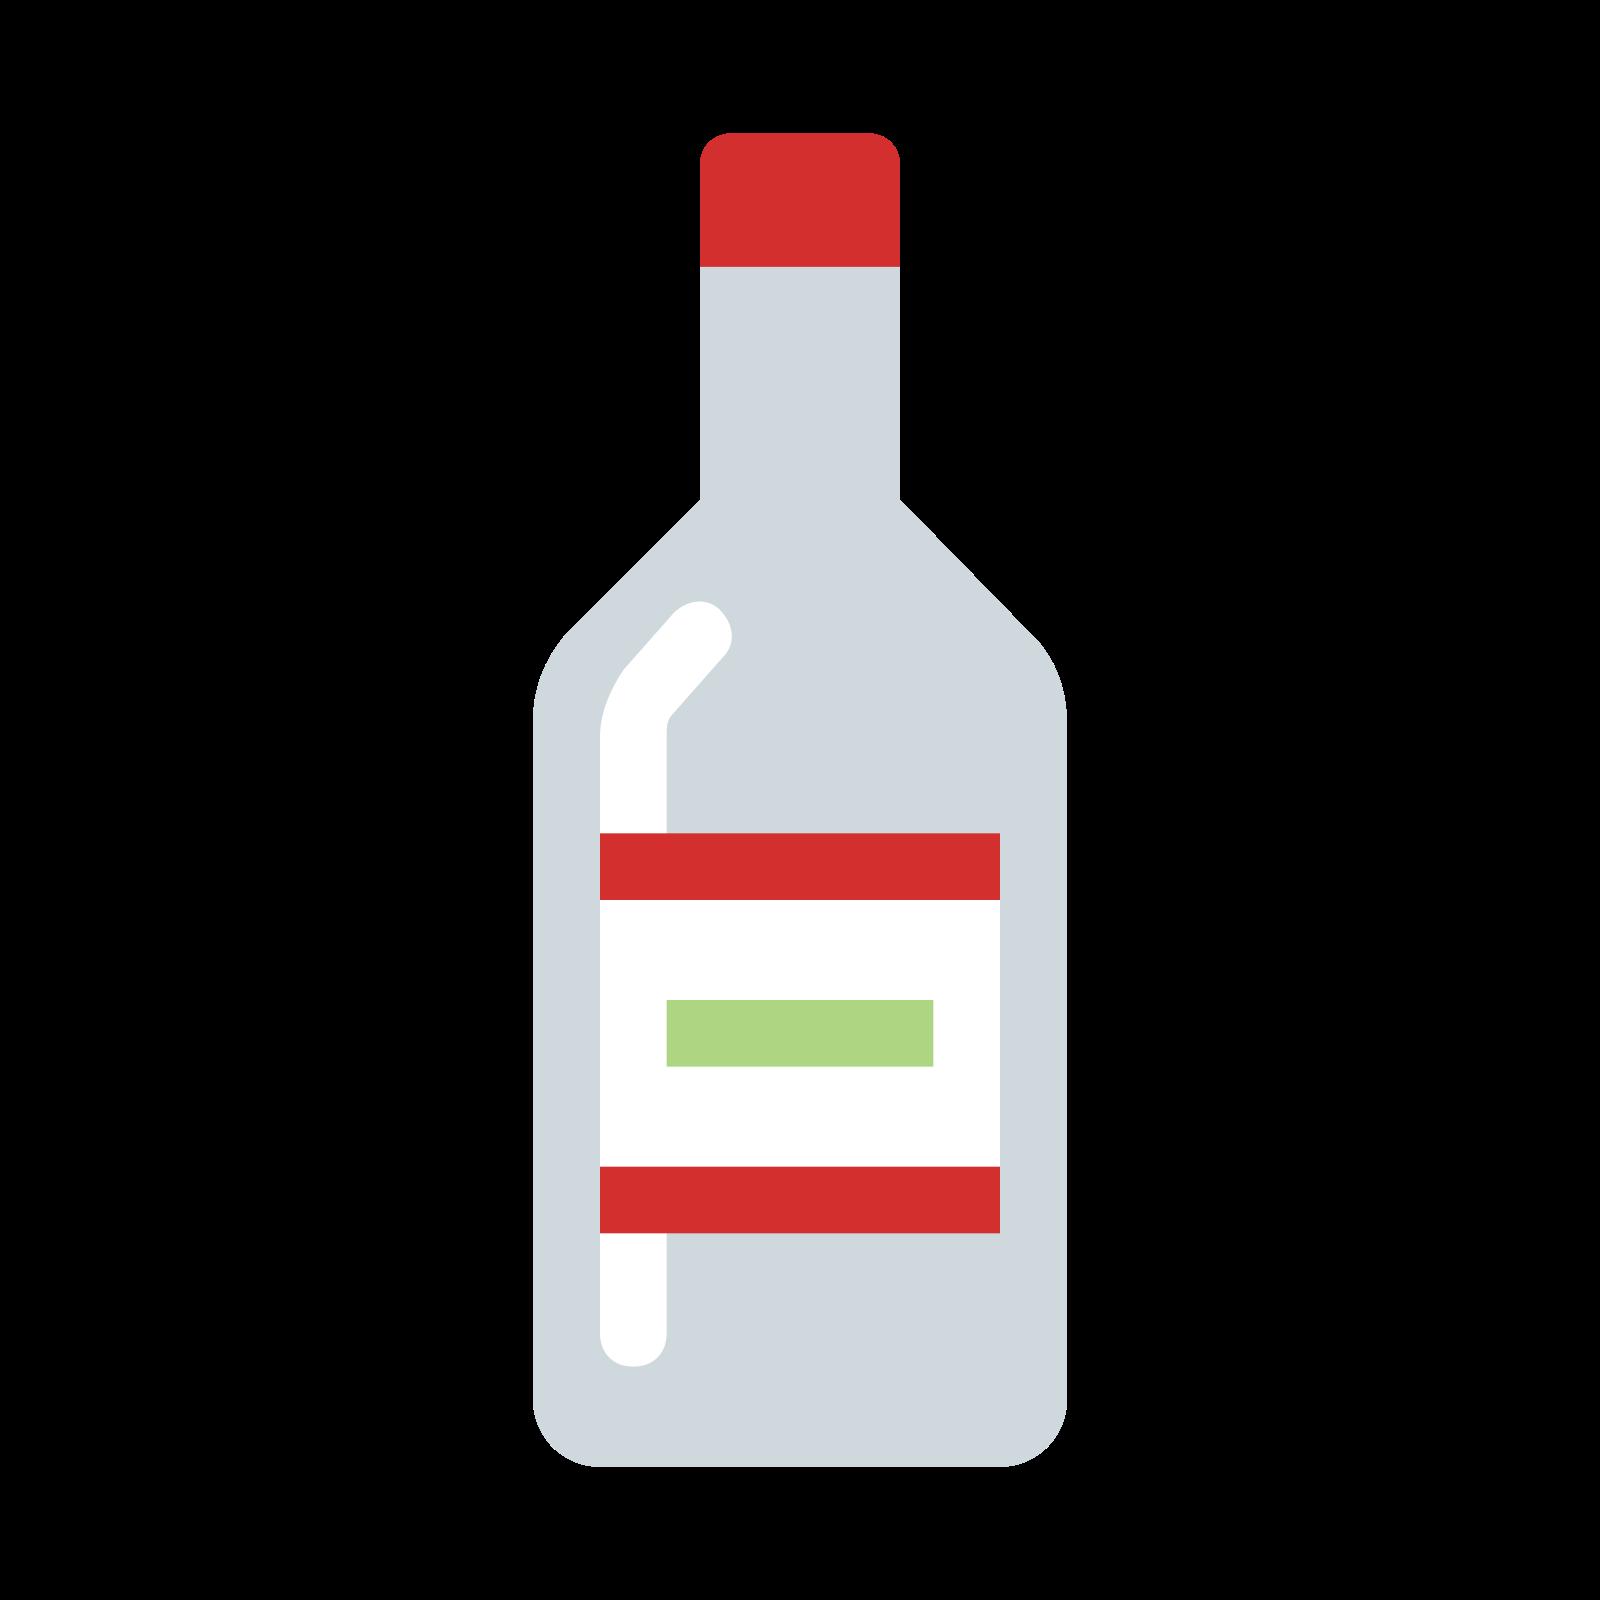 Wódka icon